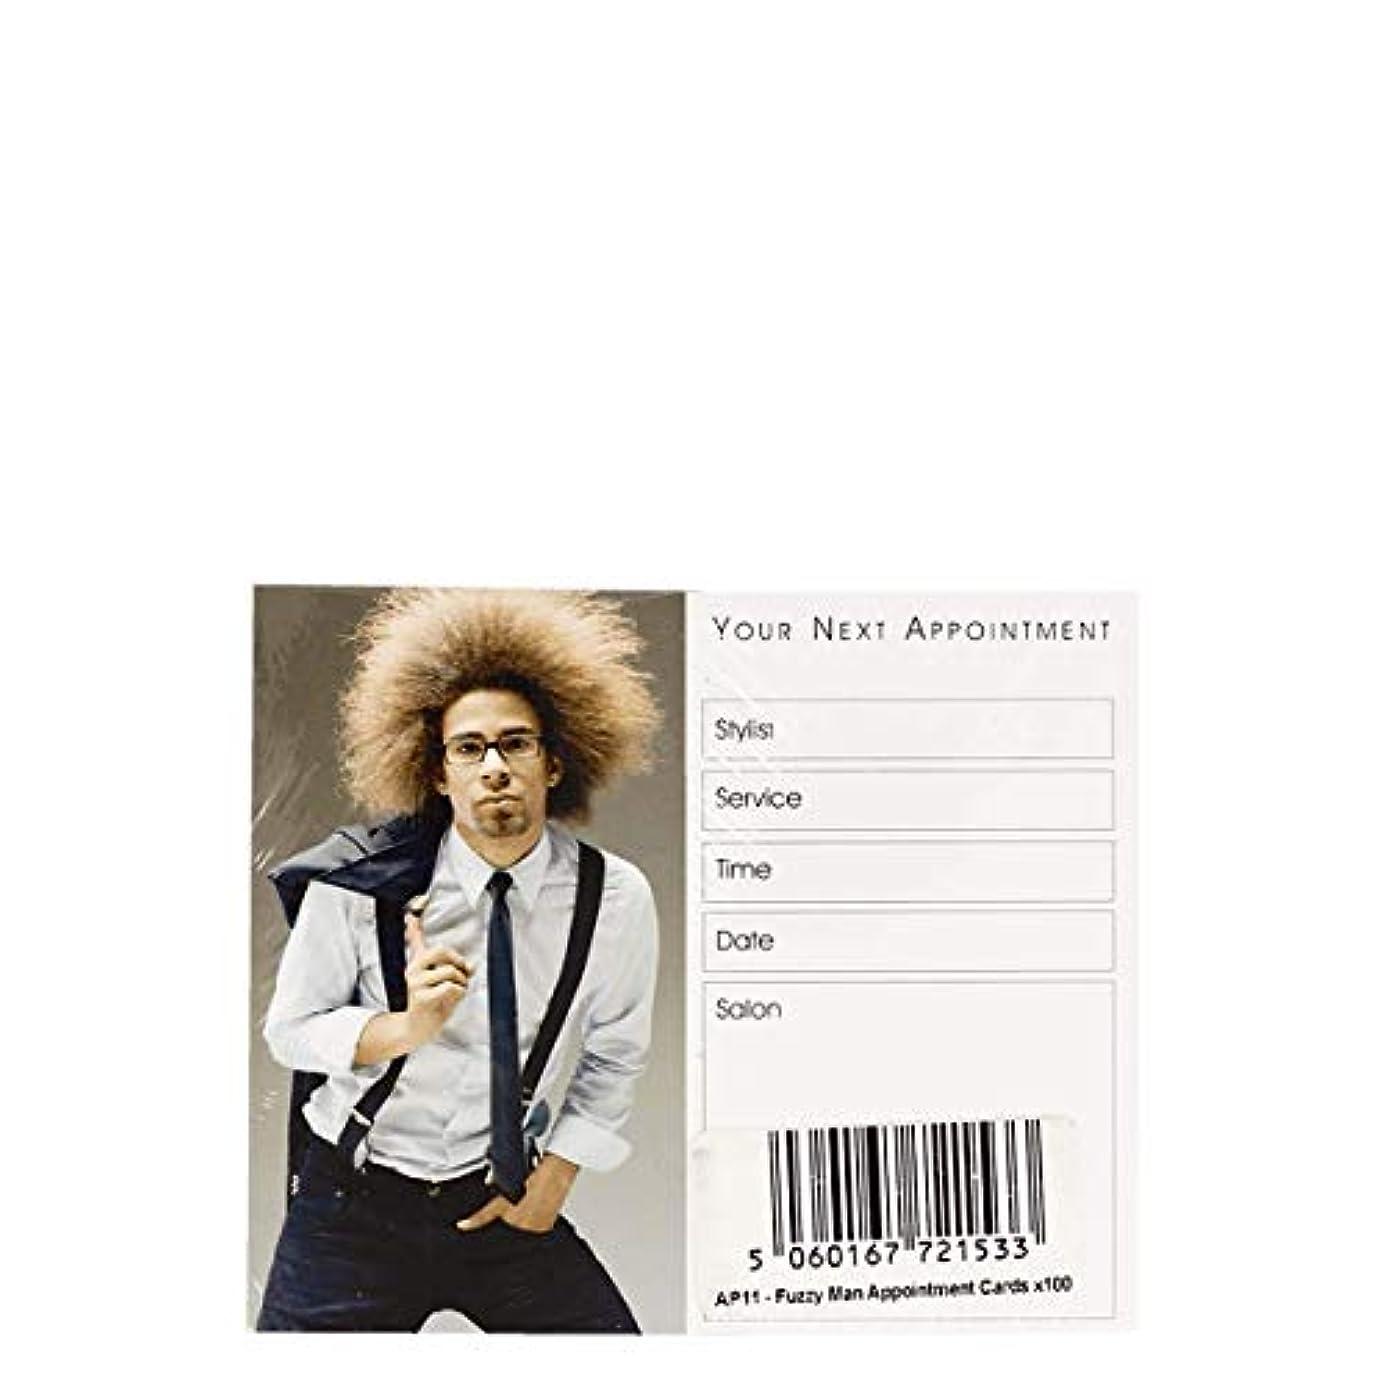 一杯呼吸する攻撃的アポイントメントカード Appointment Cards- AP11 FUZZY MAN CARDS x100[海外直送品] [並行輸入品]